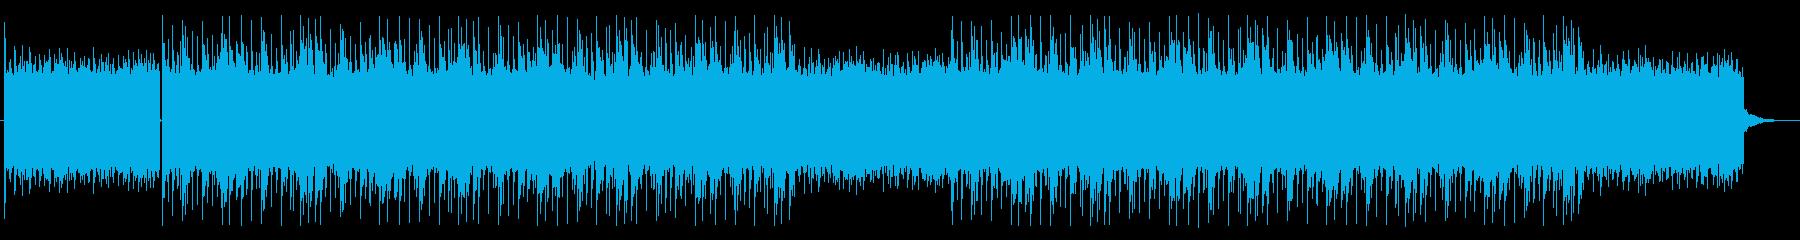 トーク番組、ラジオ、シンプルなBGMの再生済みの波形